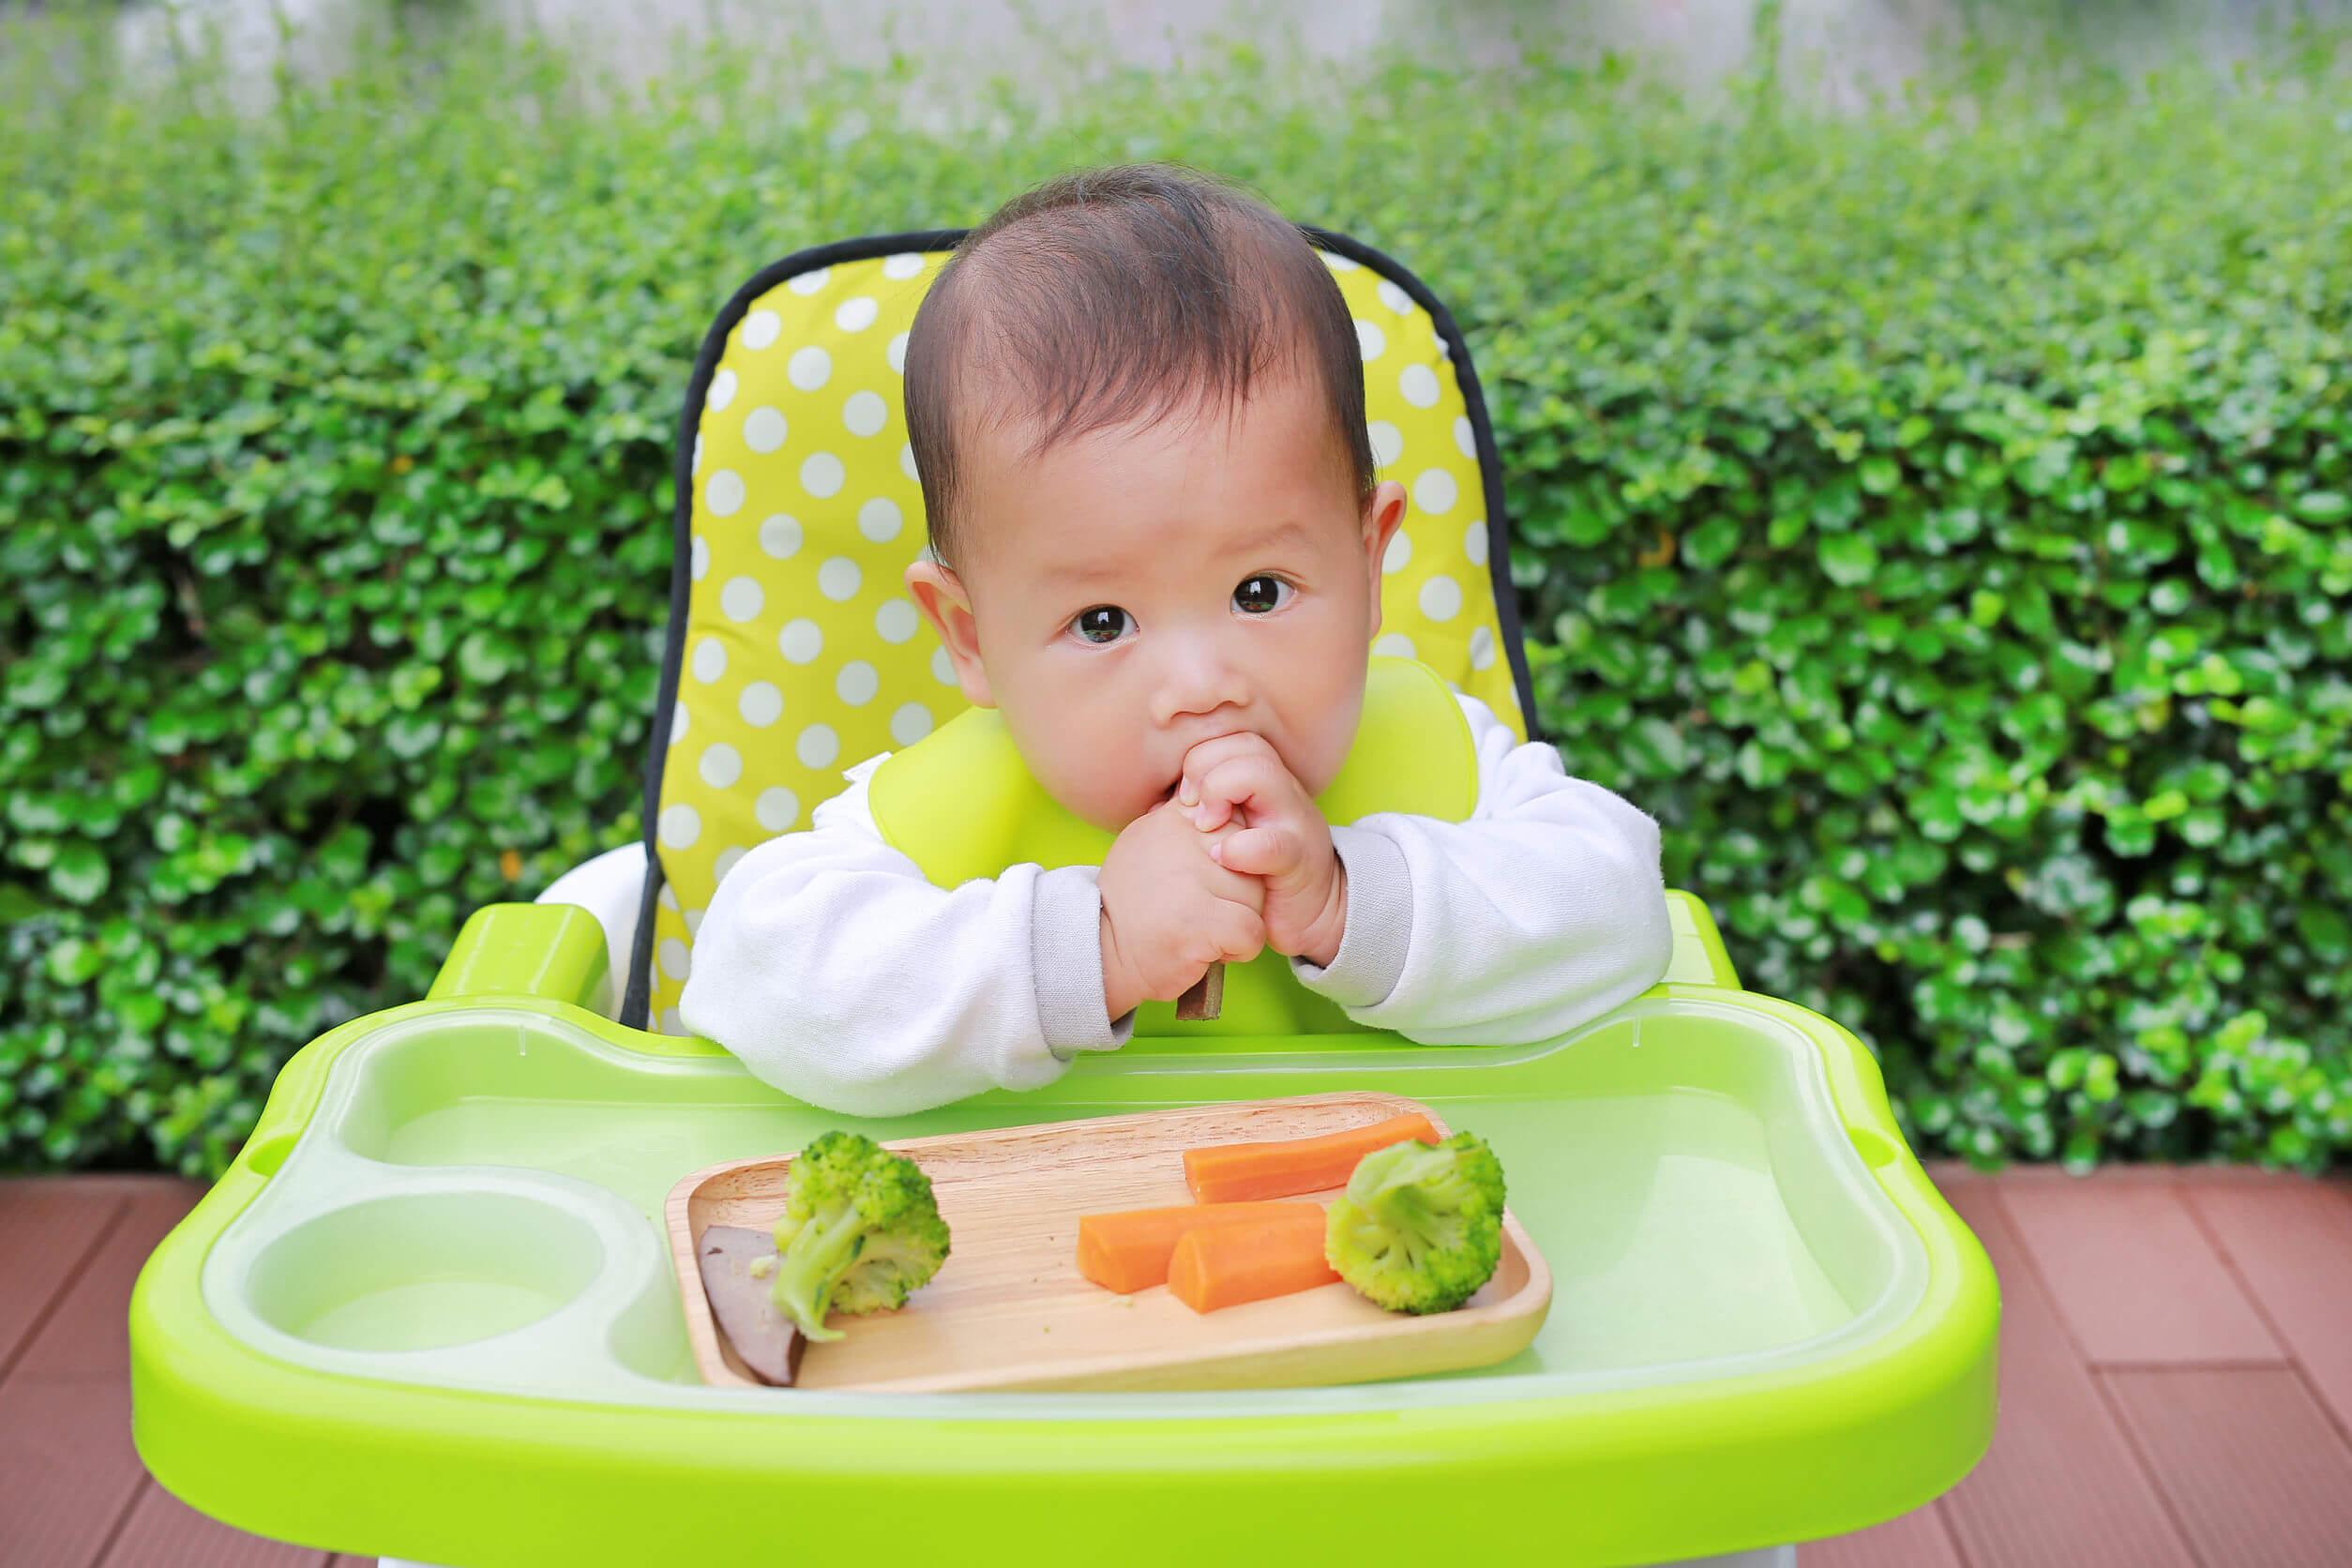 Niño comiendo con el método baby led weaning.